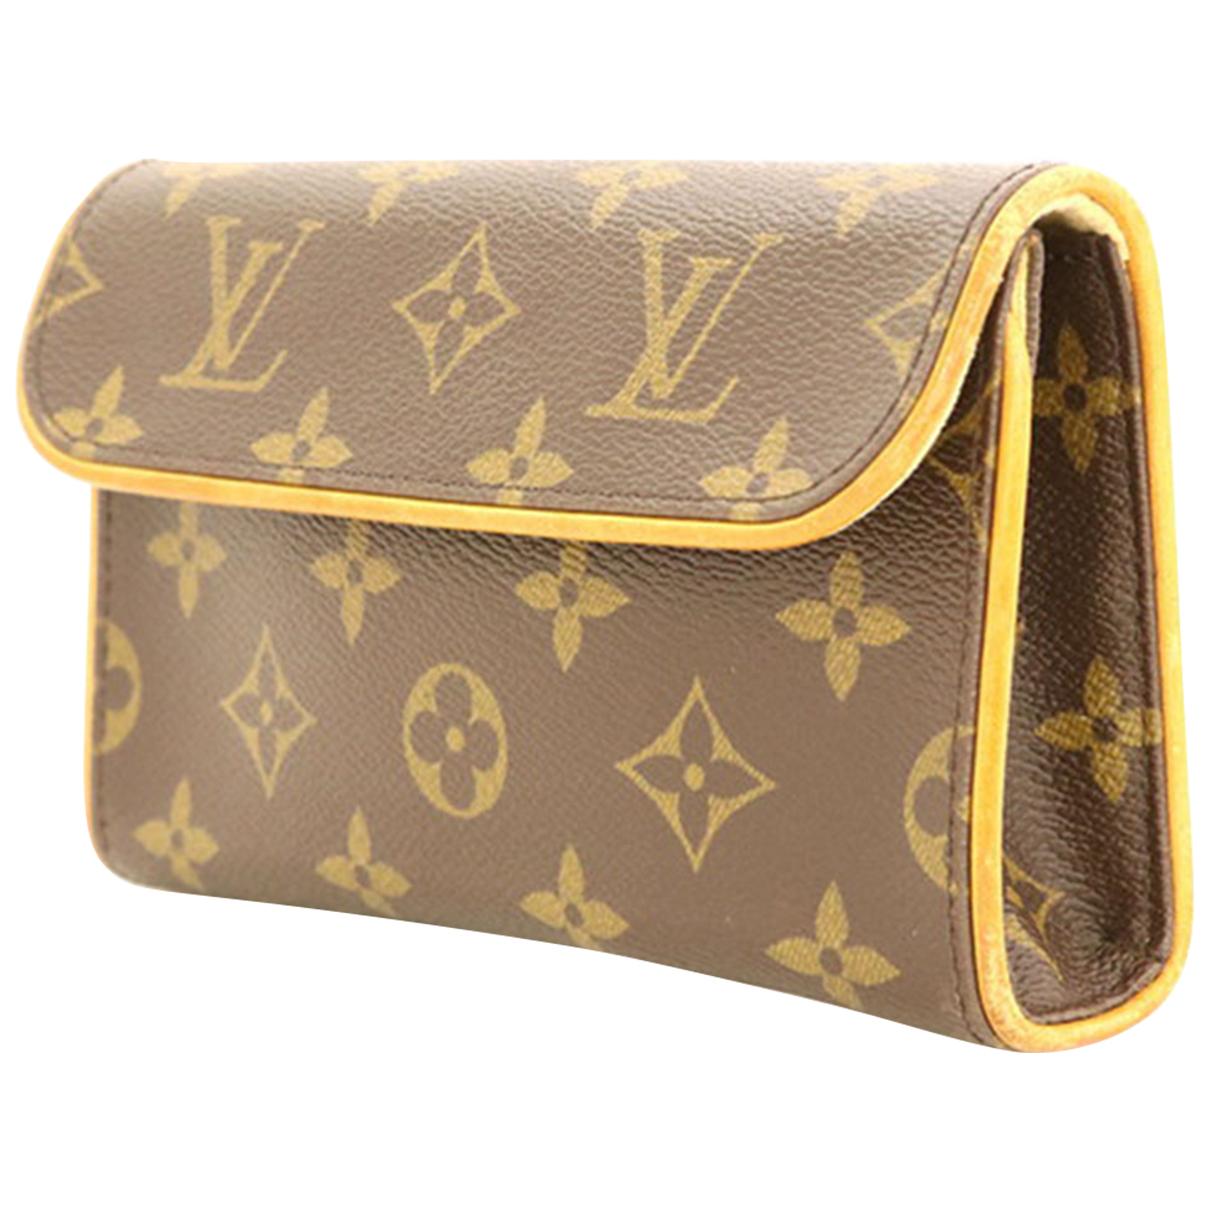 Louis Vuitton - Petite maroquinerie   pour femme en cuir - marron